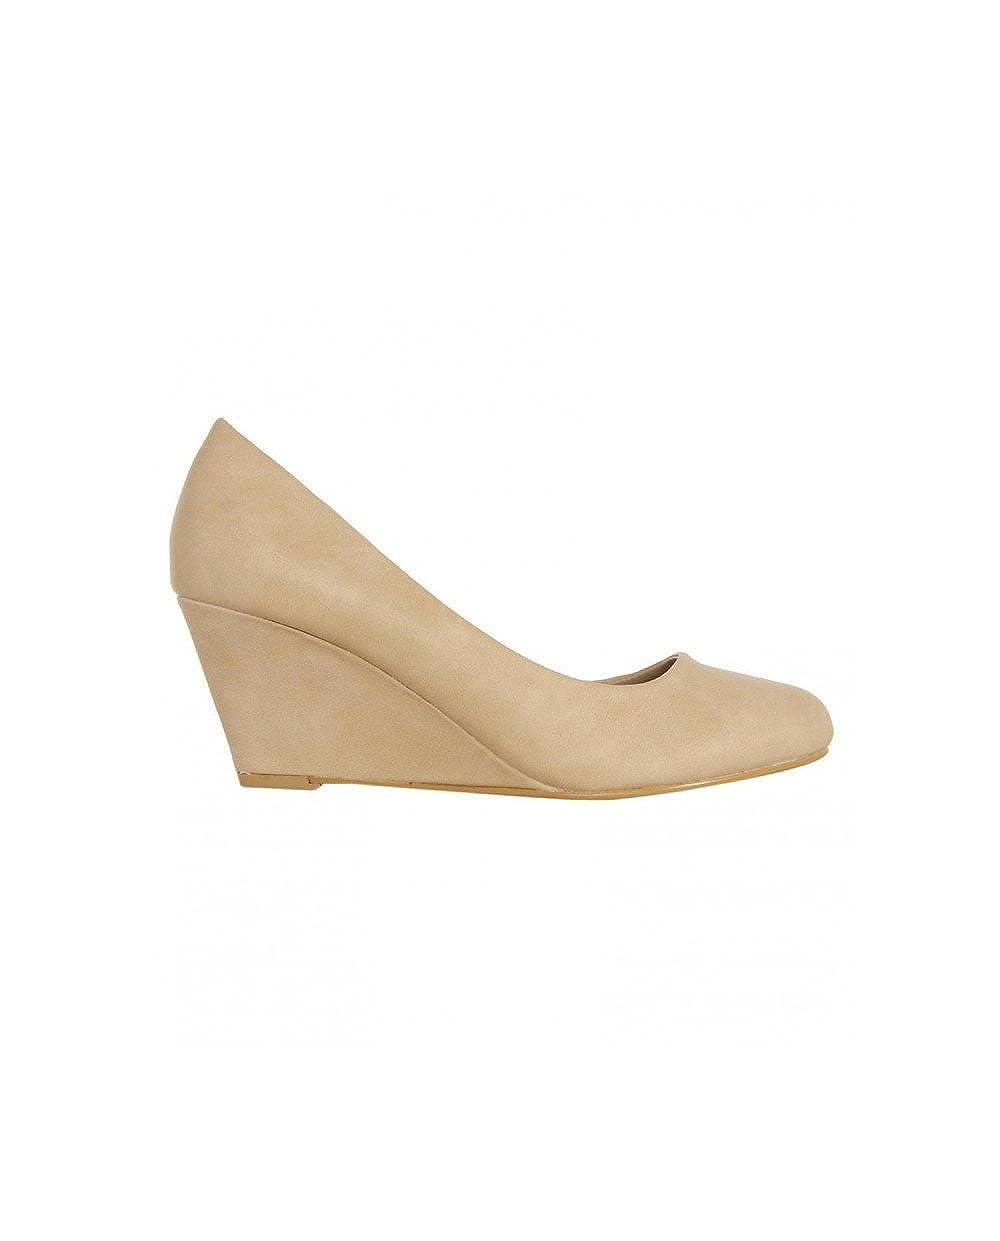 TALLA 40 EU. Zapatos de cuña de Mujer Urban B041170-B7200 Beige